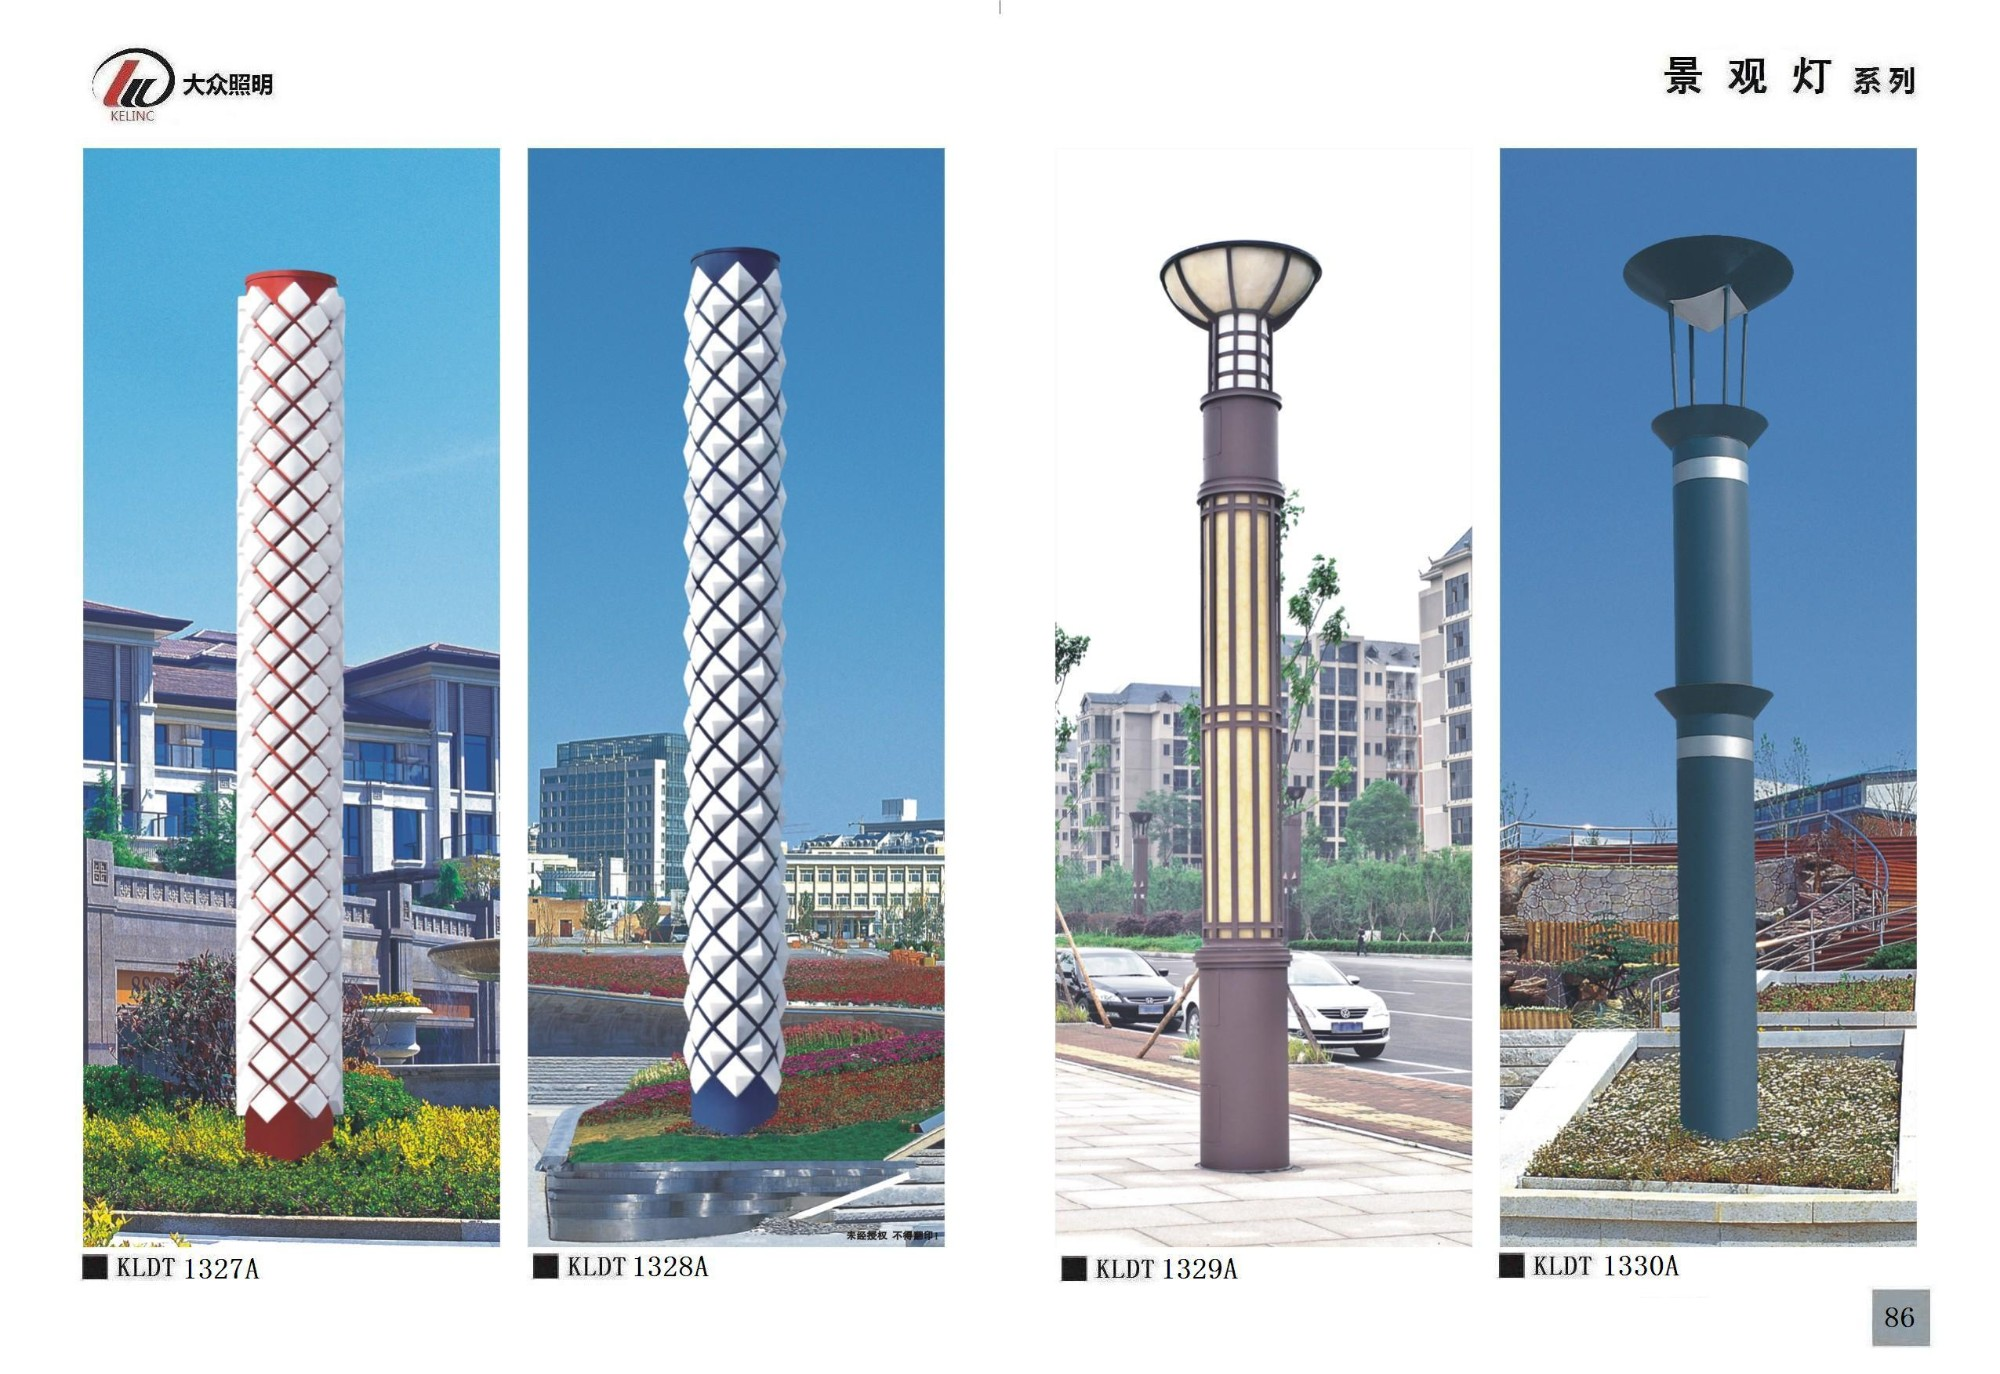 你能分清哪种是路灯哪种是景观灯吗?